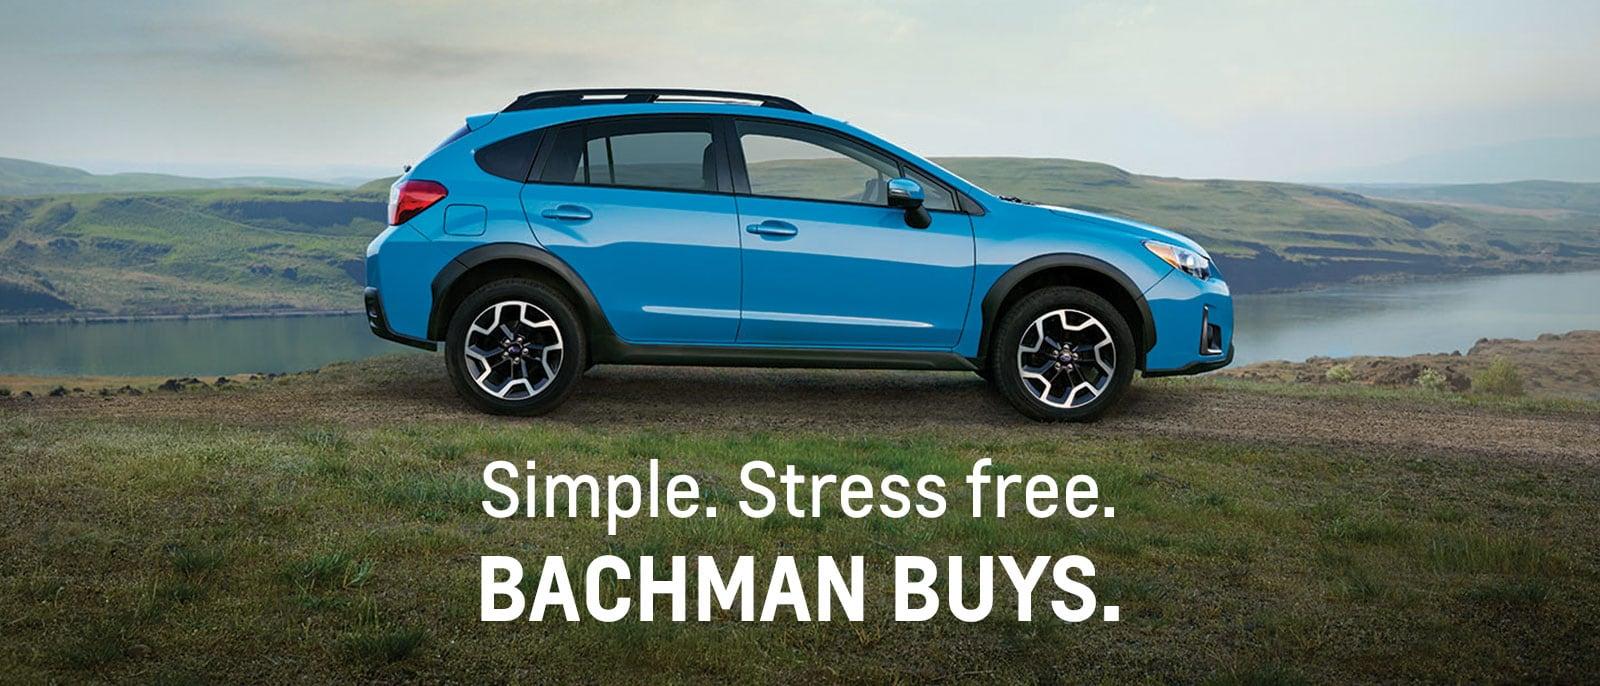 Sell Your Used Car in Louisville, Kentucky | Bachman Subaru Buys ...